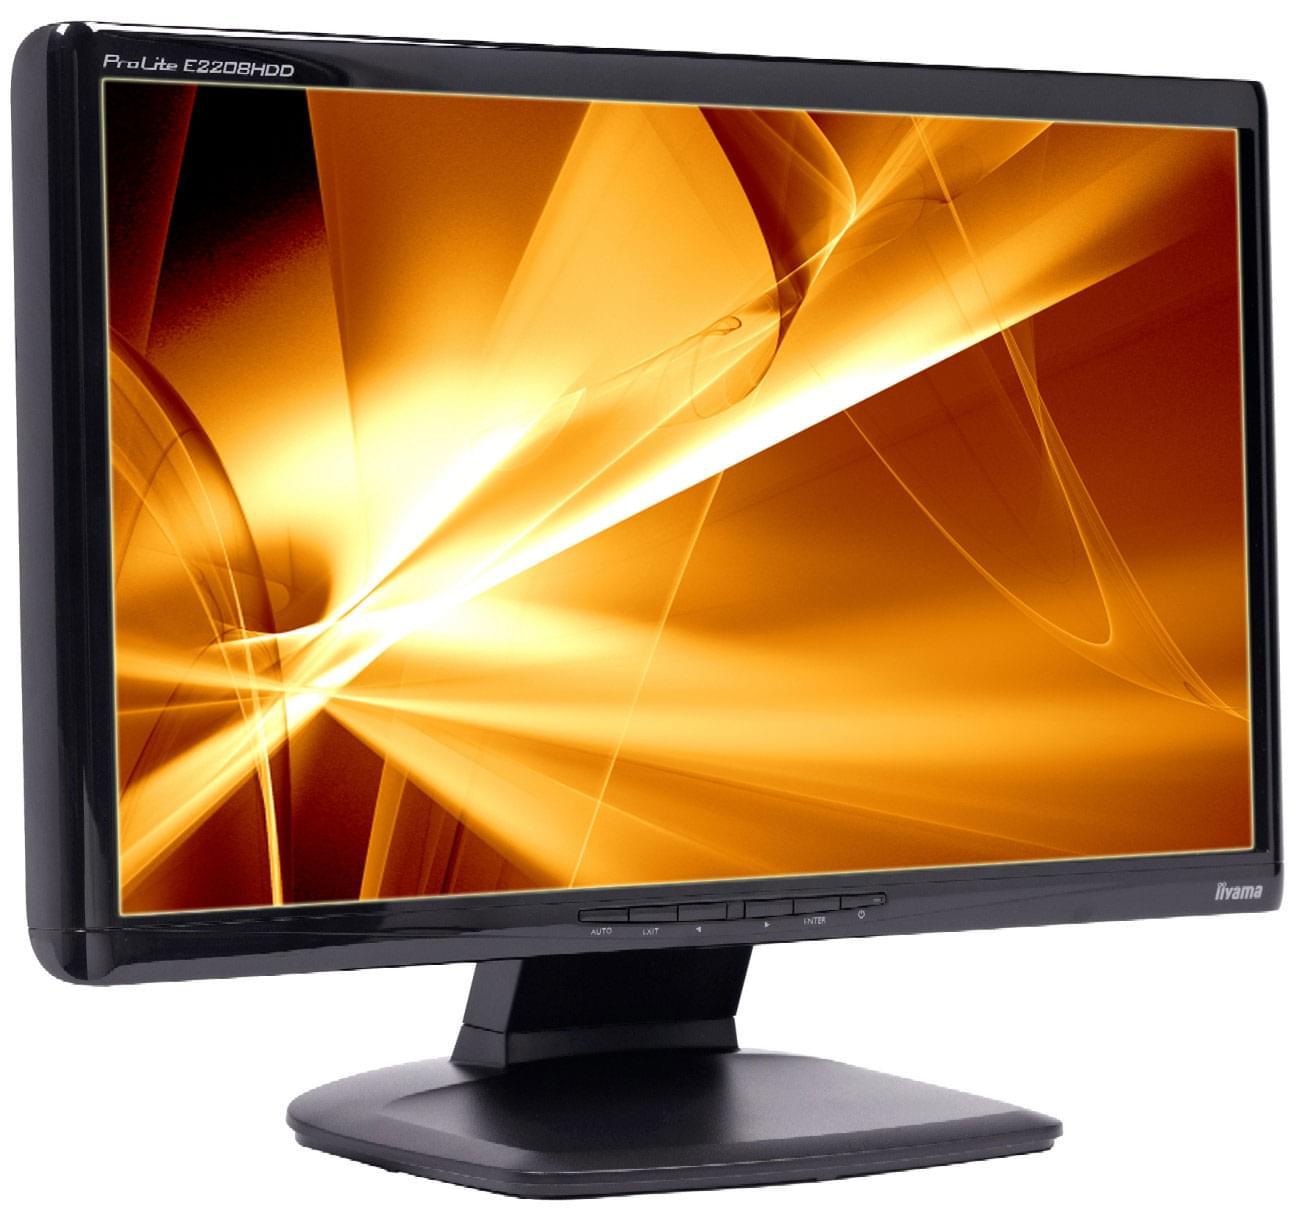 Iiyama PLE2208HDD-B1 (PLE2208HDD-B1 OBSO) - Achat / Vente Ecran PC sur Cybertek.fr - 0